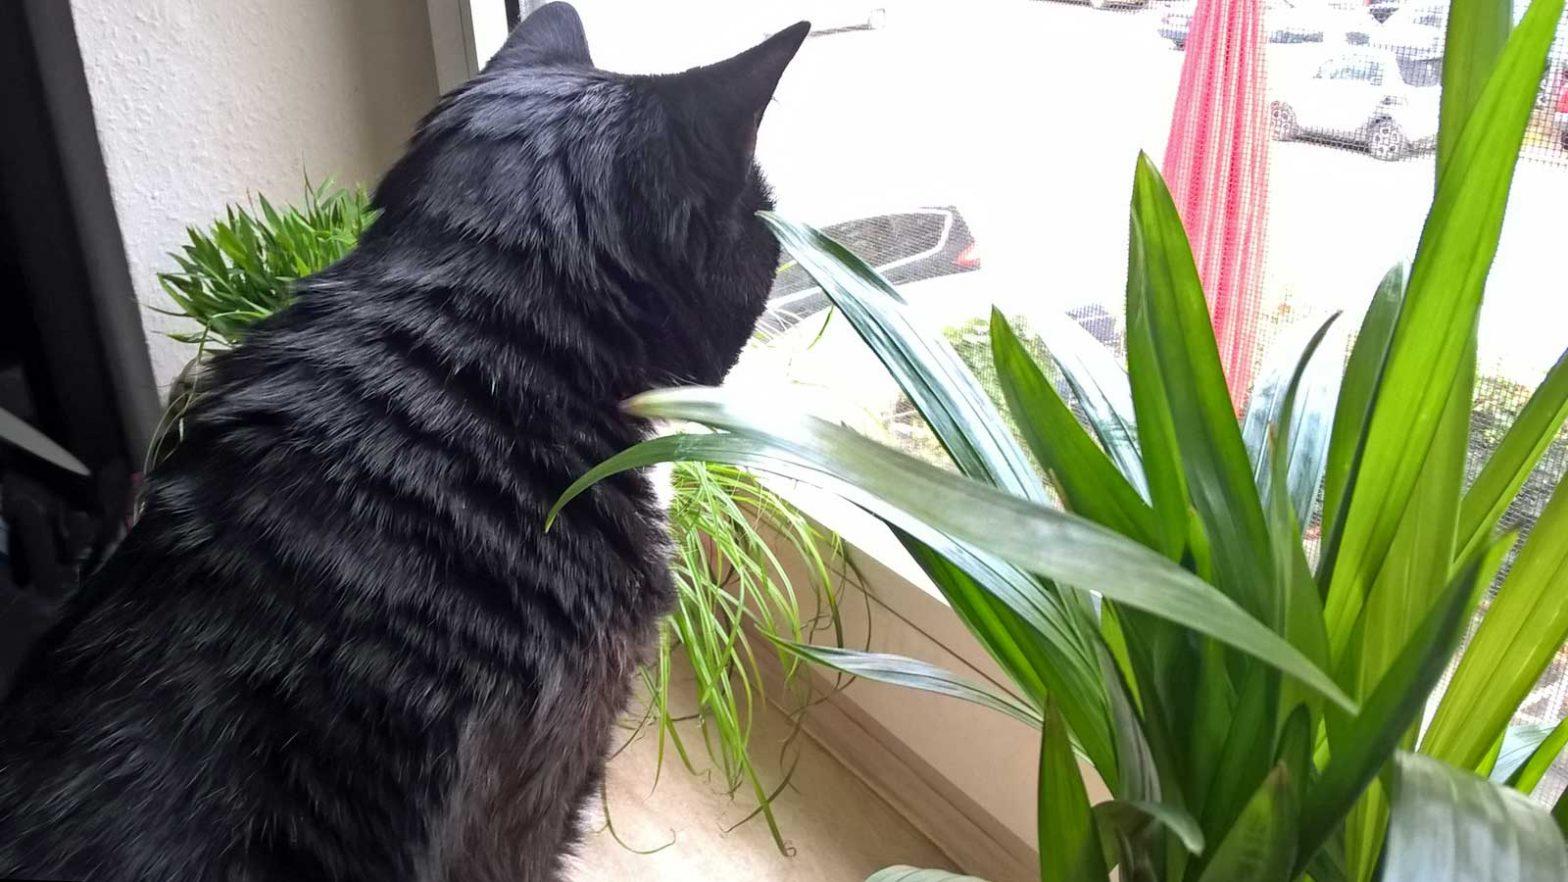 Luzis grüne Fensterbank: Luzi und ihre Pflanzen für Katzen